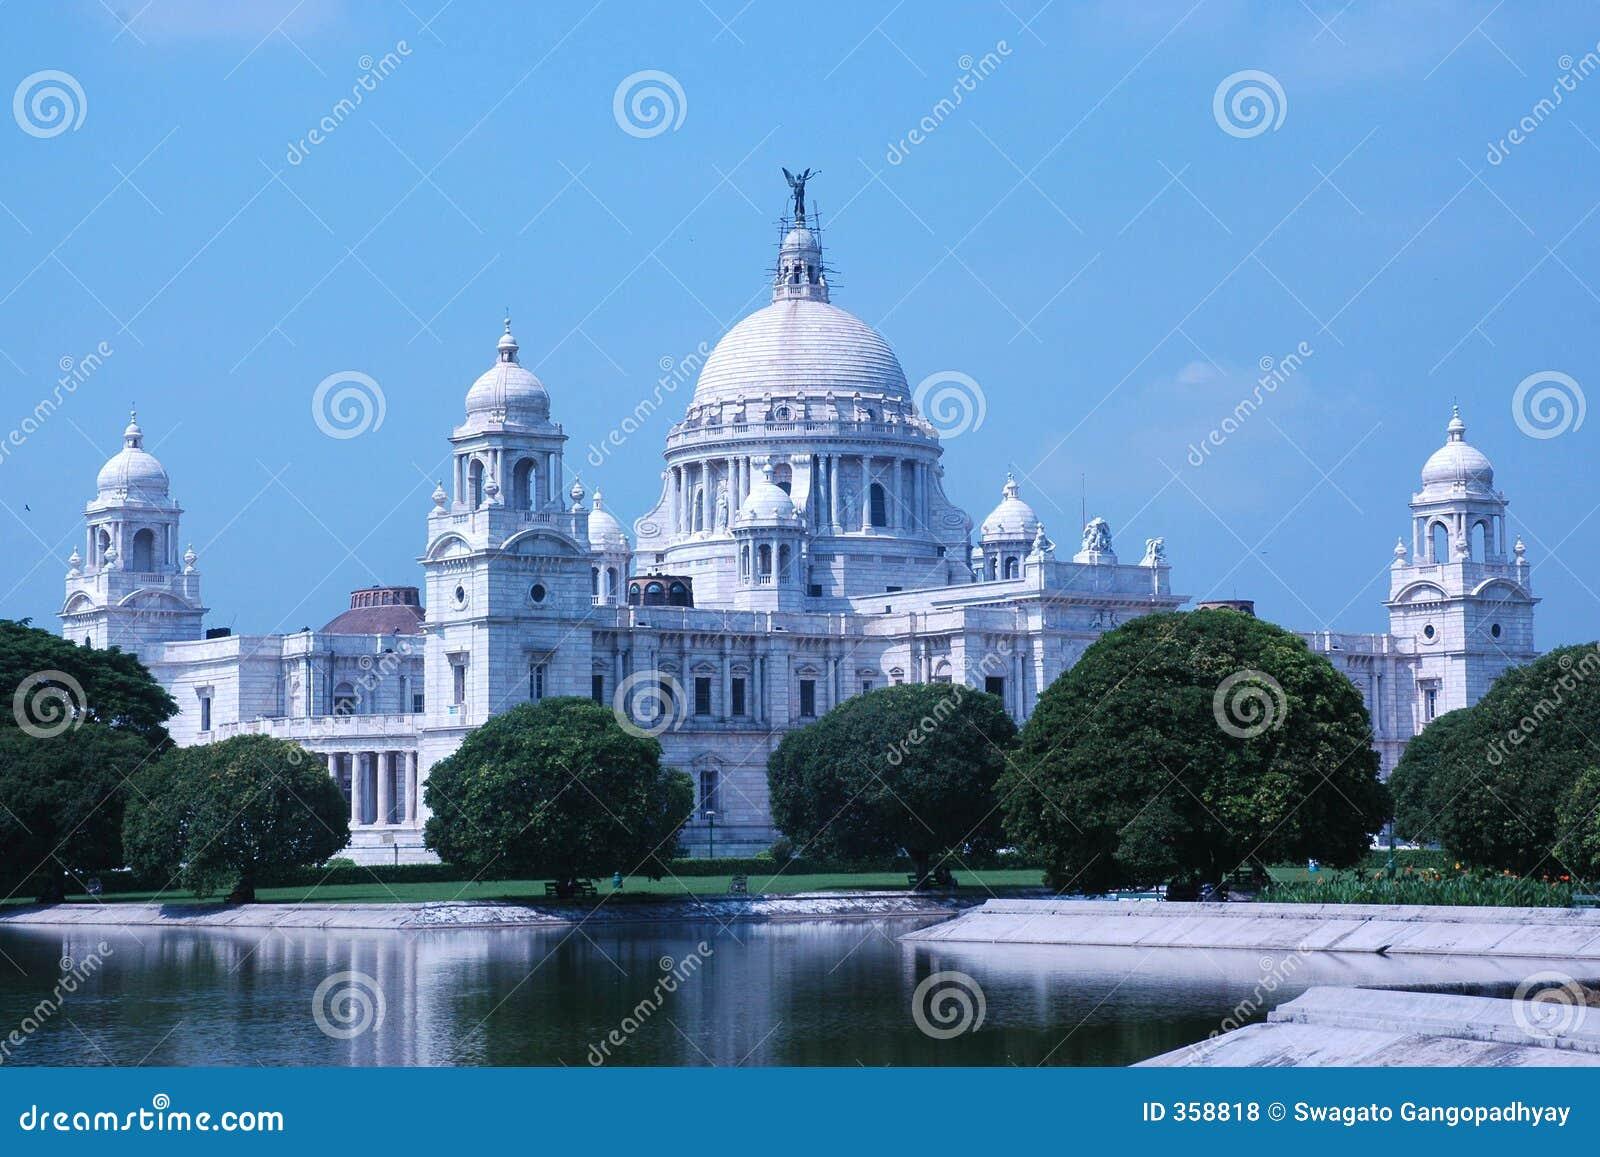 Mémorial de Victoria, Kolkata (Calcutta), Inde